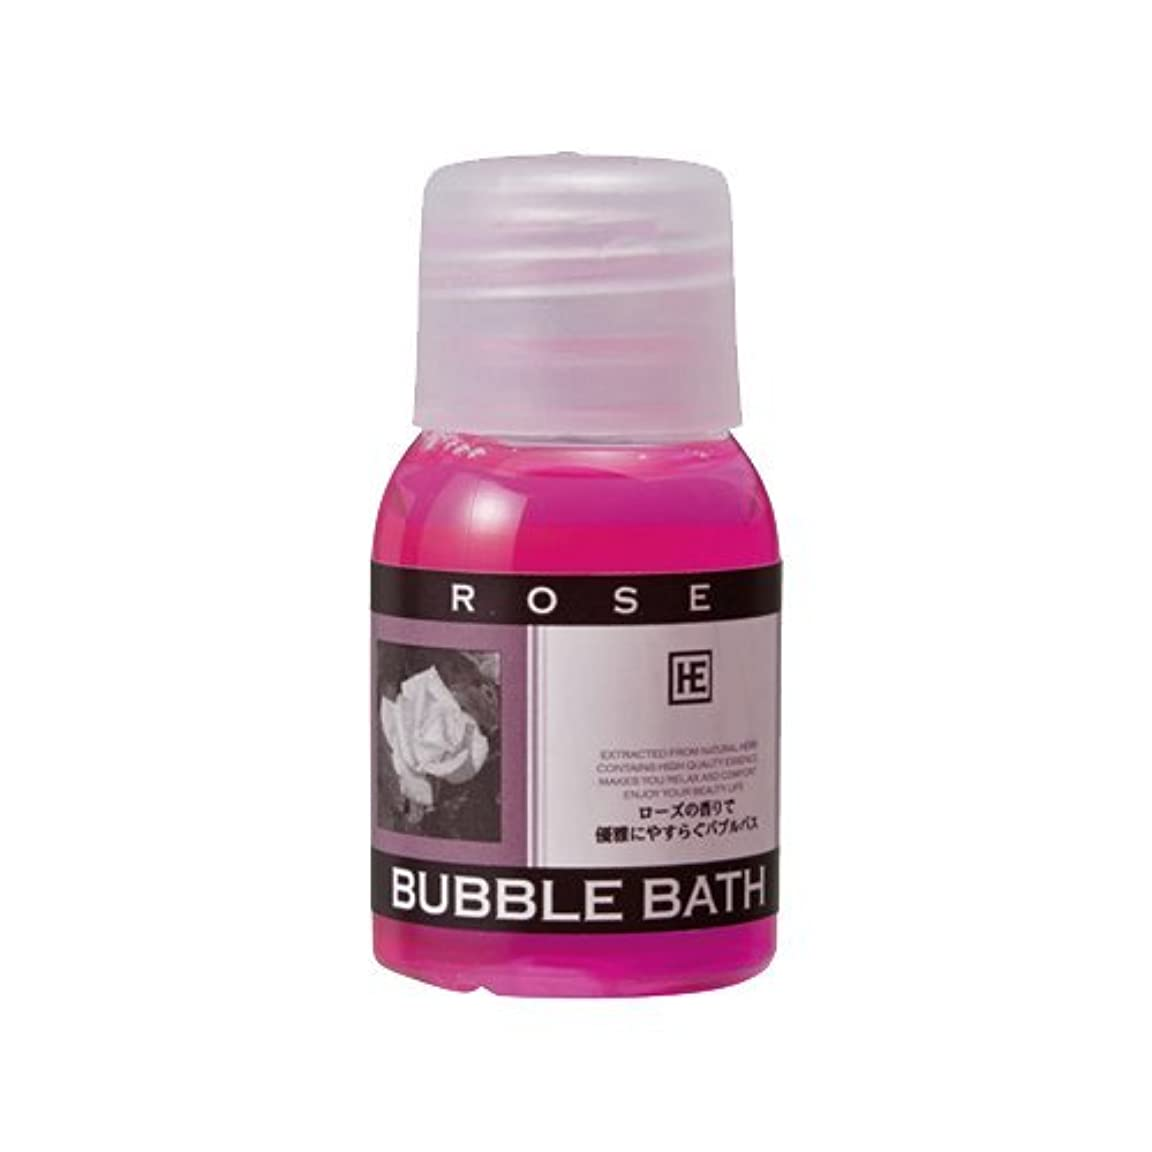 クスコ巡礼者徒歩でハーバルエクストラ バブルバス ミニボトル ローズの香り - ホテルアメニティ 業務用 発泡入浴剤 (BUBBLE BATH)